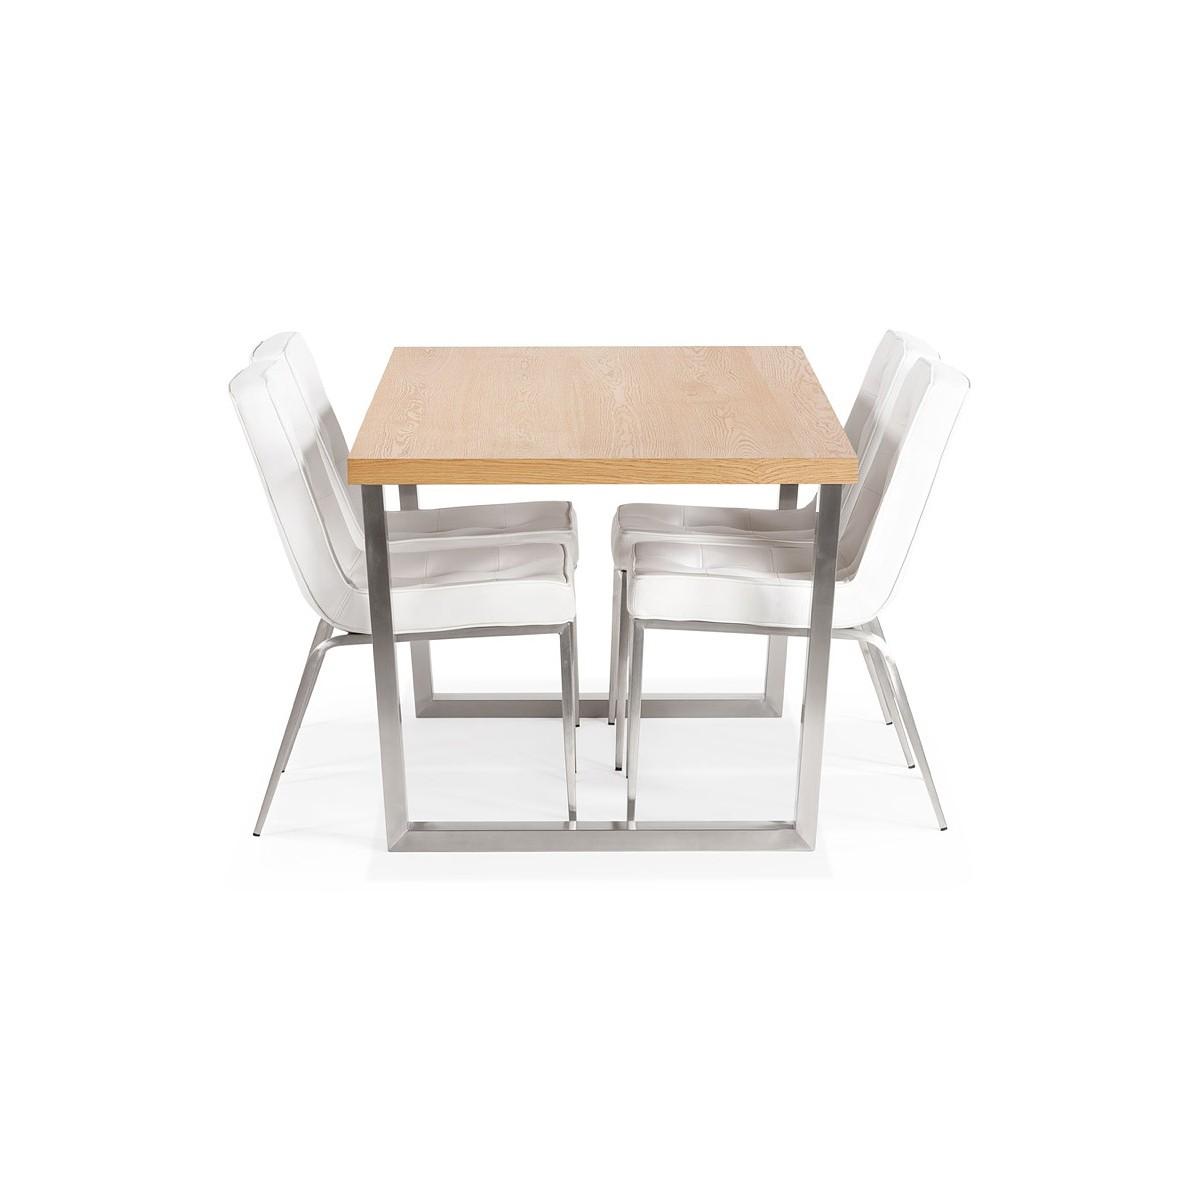 Pure Tavolo Da Pranzo In Legno Massello Tavolo Allungabile Tavolo Mobili Da Cucina White 120 160 X 70cm Tavoli Da Sala Da Pranzo Agoraguiers Arredamento